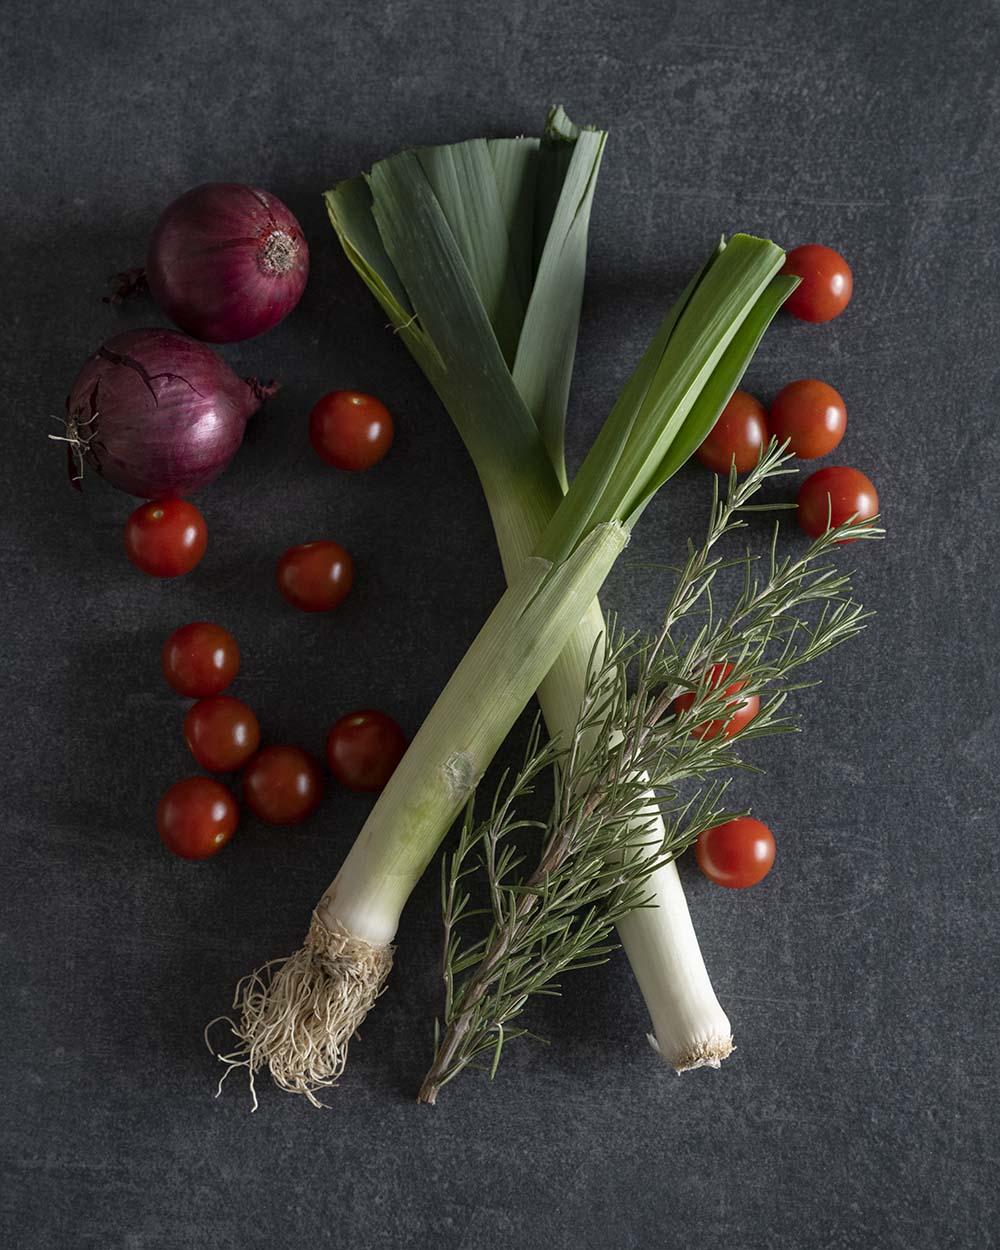 Gemüse für unser Focaccia mit Gemüse: Auf einer Fliese liegen Tomaten, rote Zwiebeln, zwei Stangen Lauch und ein großer Zweig Rosmarin.